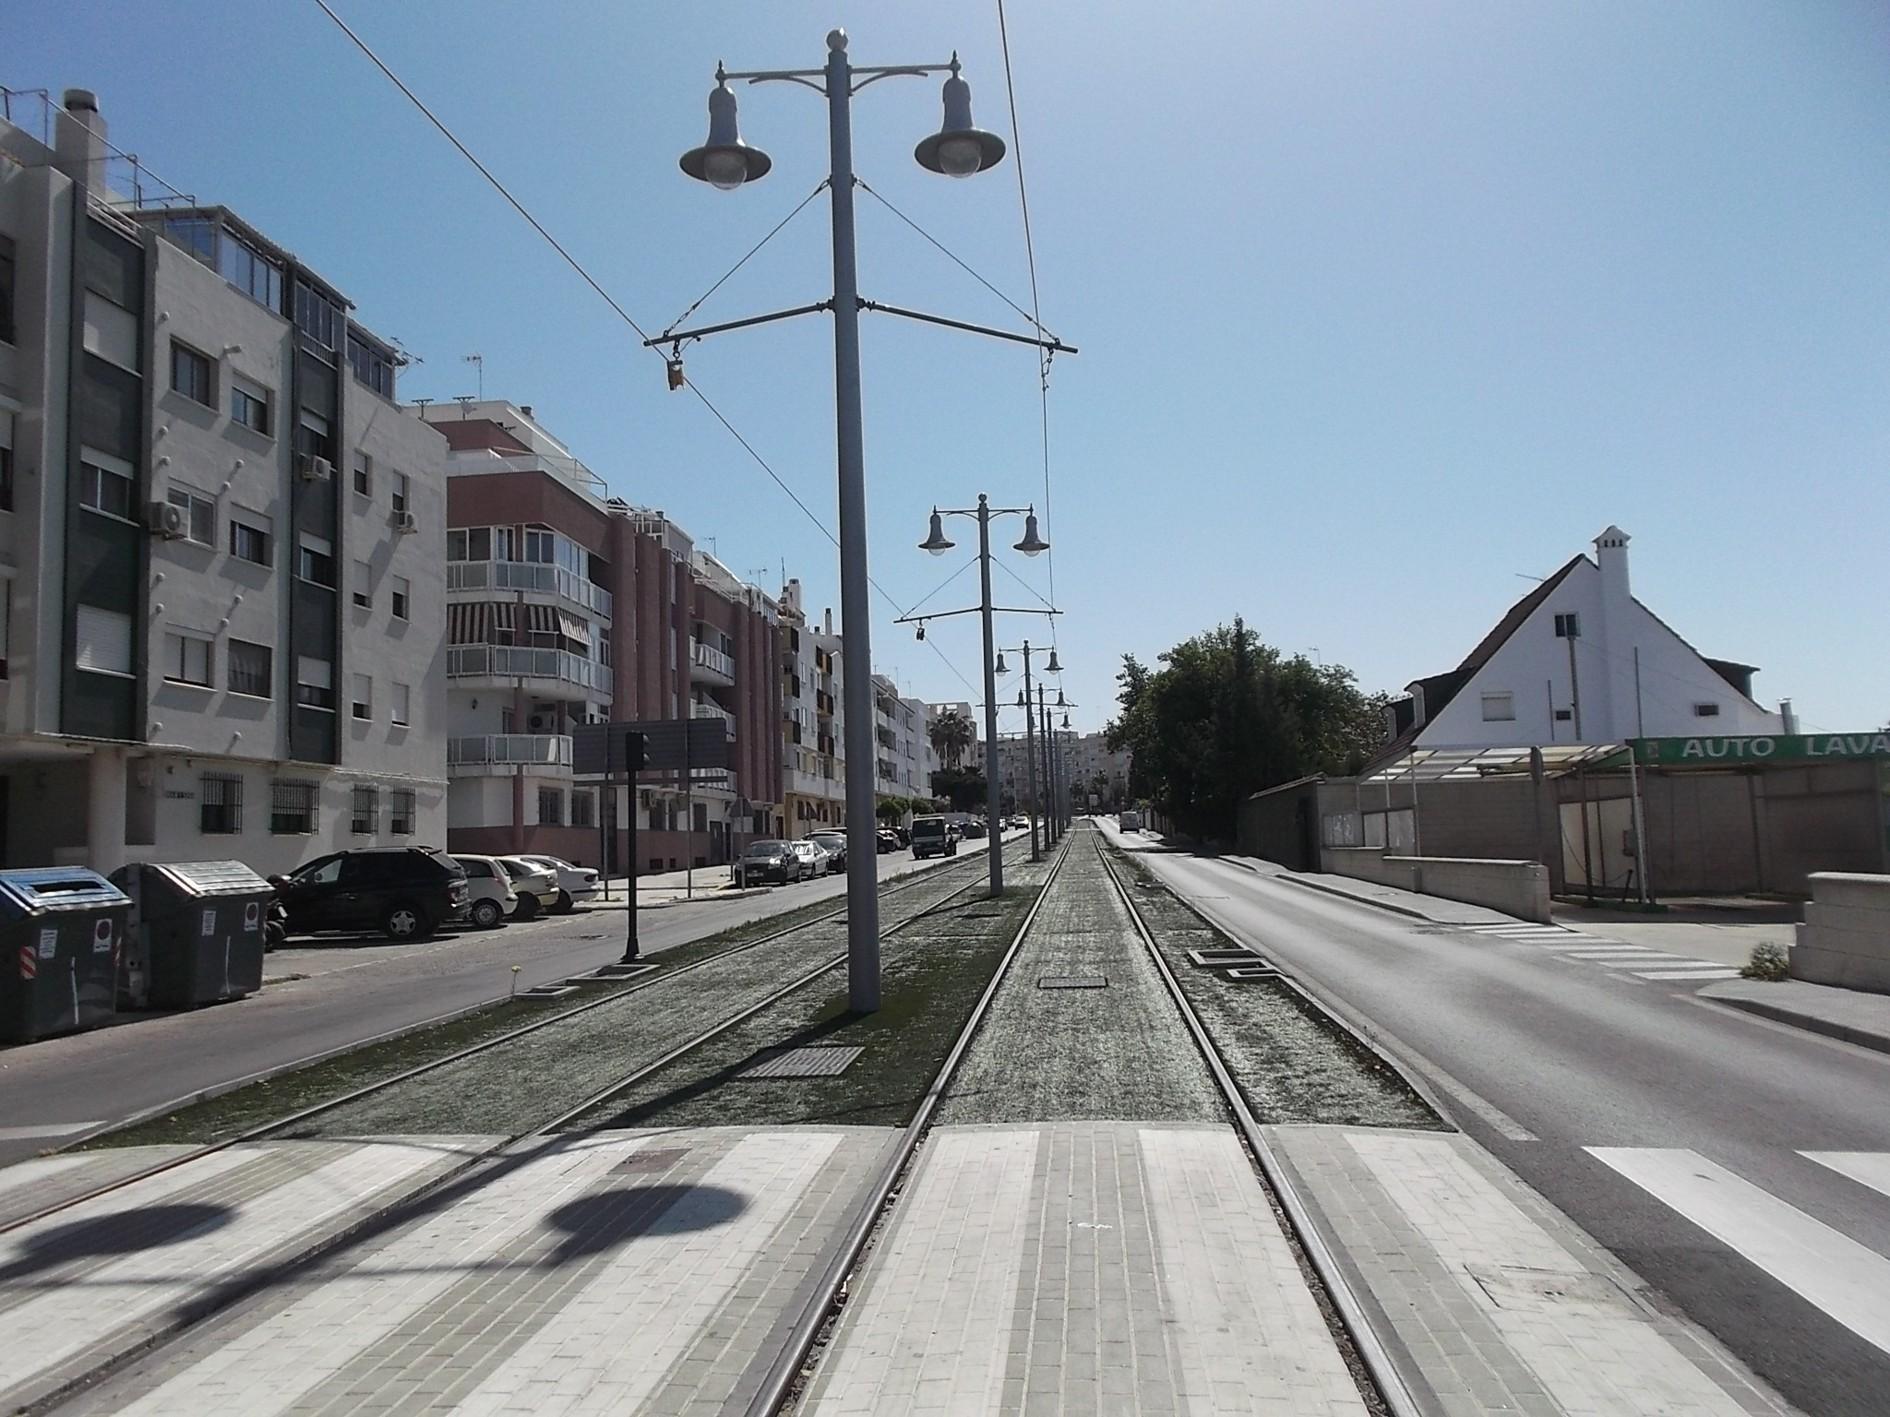 Extendido de la catenaria en el tramo urbano de San Fernando.